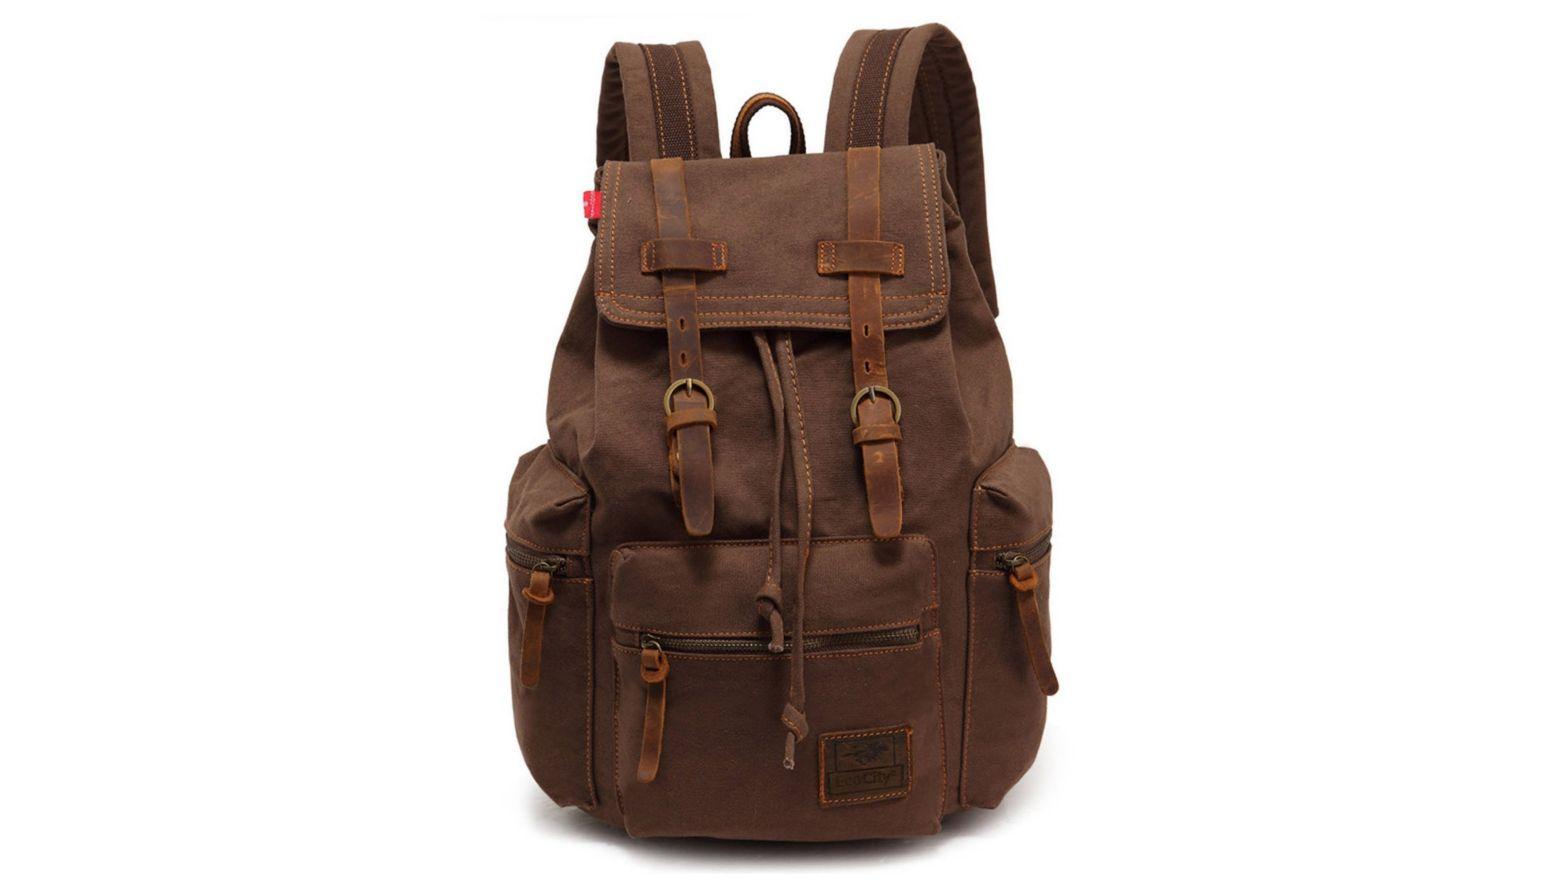 bfce9cf6a4 backpack